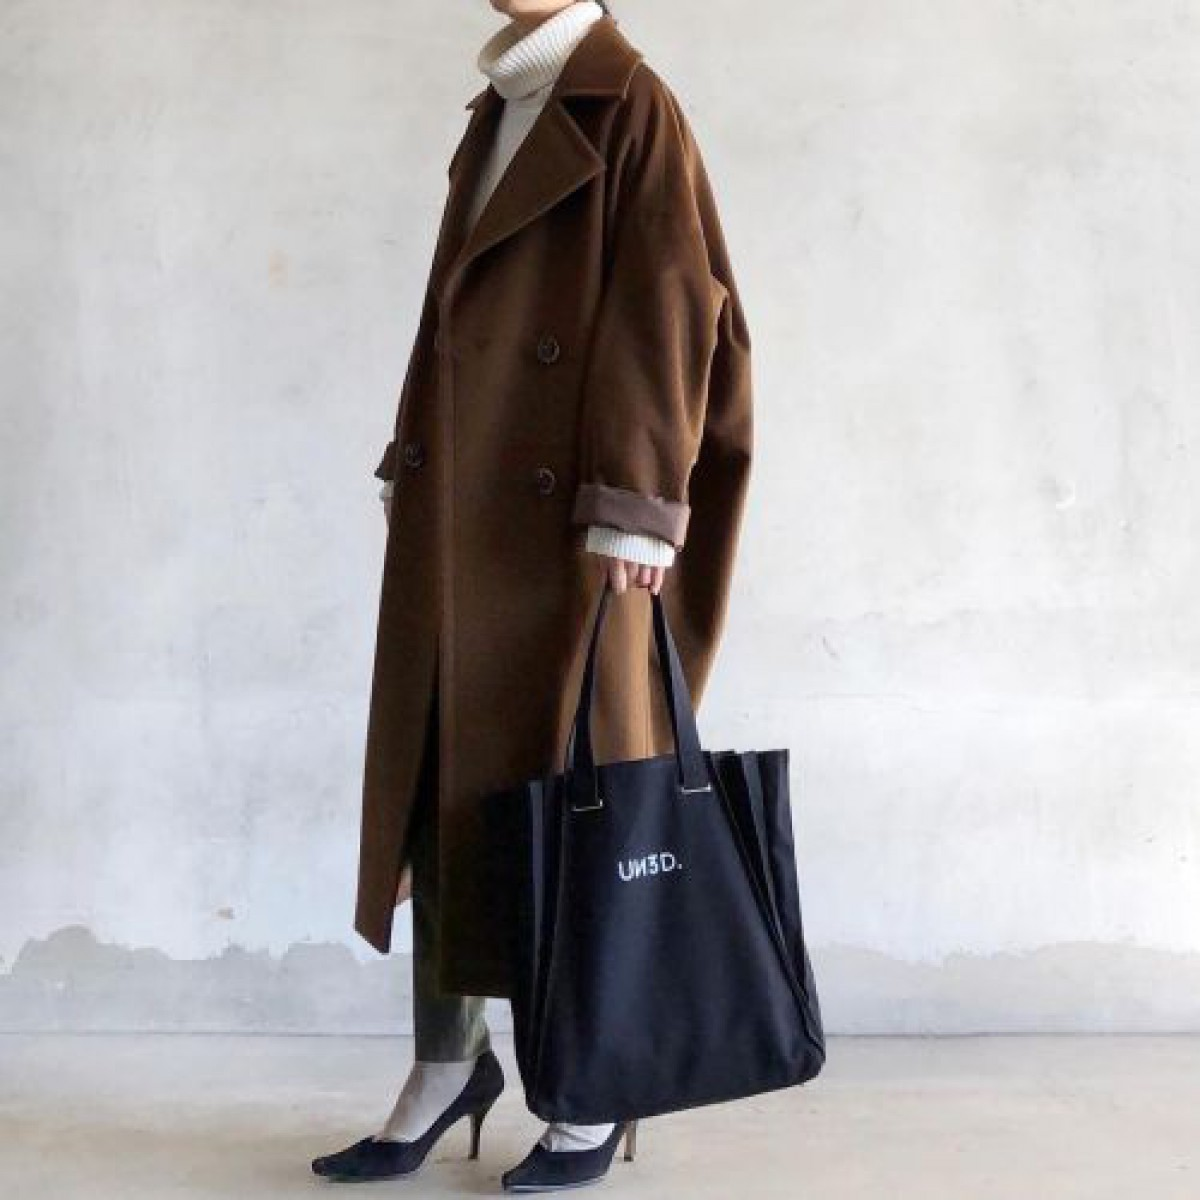 おしゃれな人が使ってる!隣の女子とかぶらないプチプラ「韓国通販ブランド」